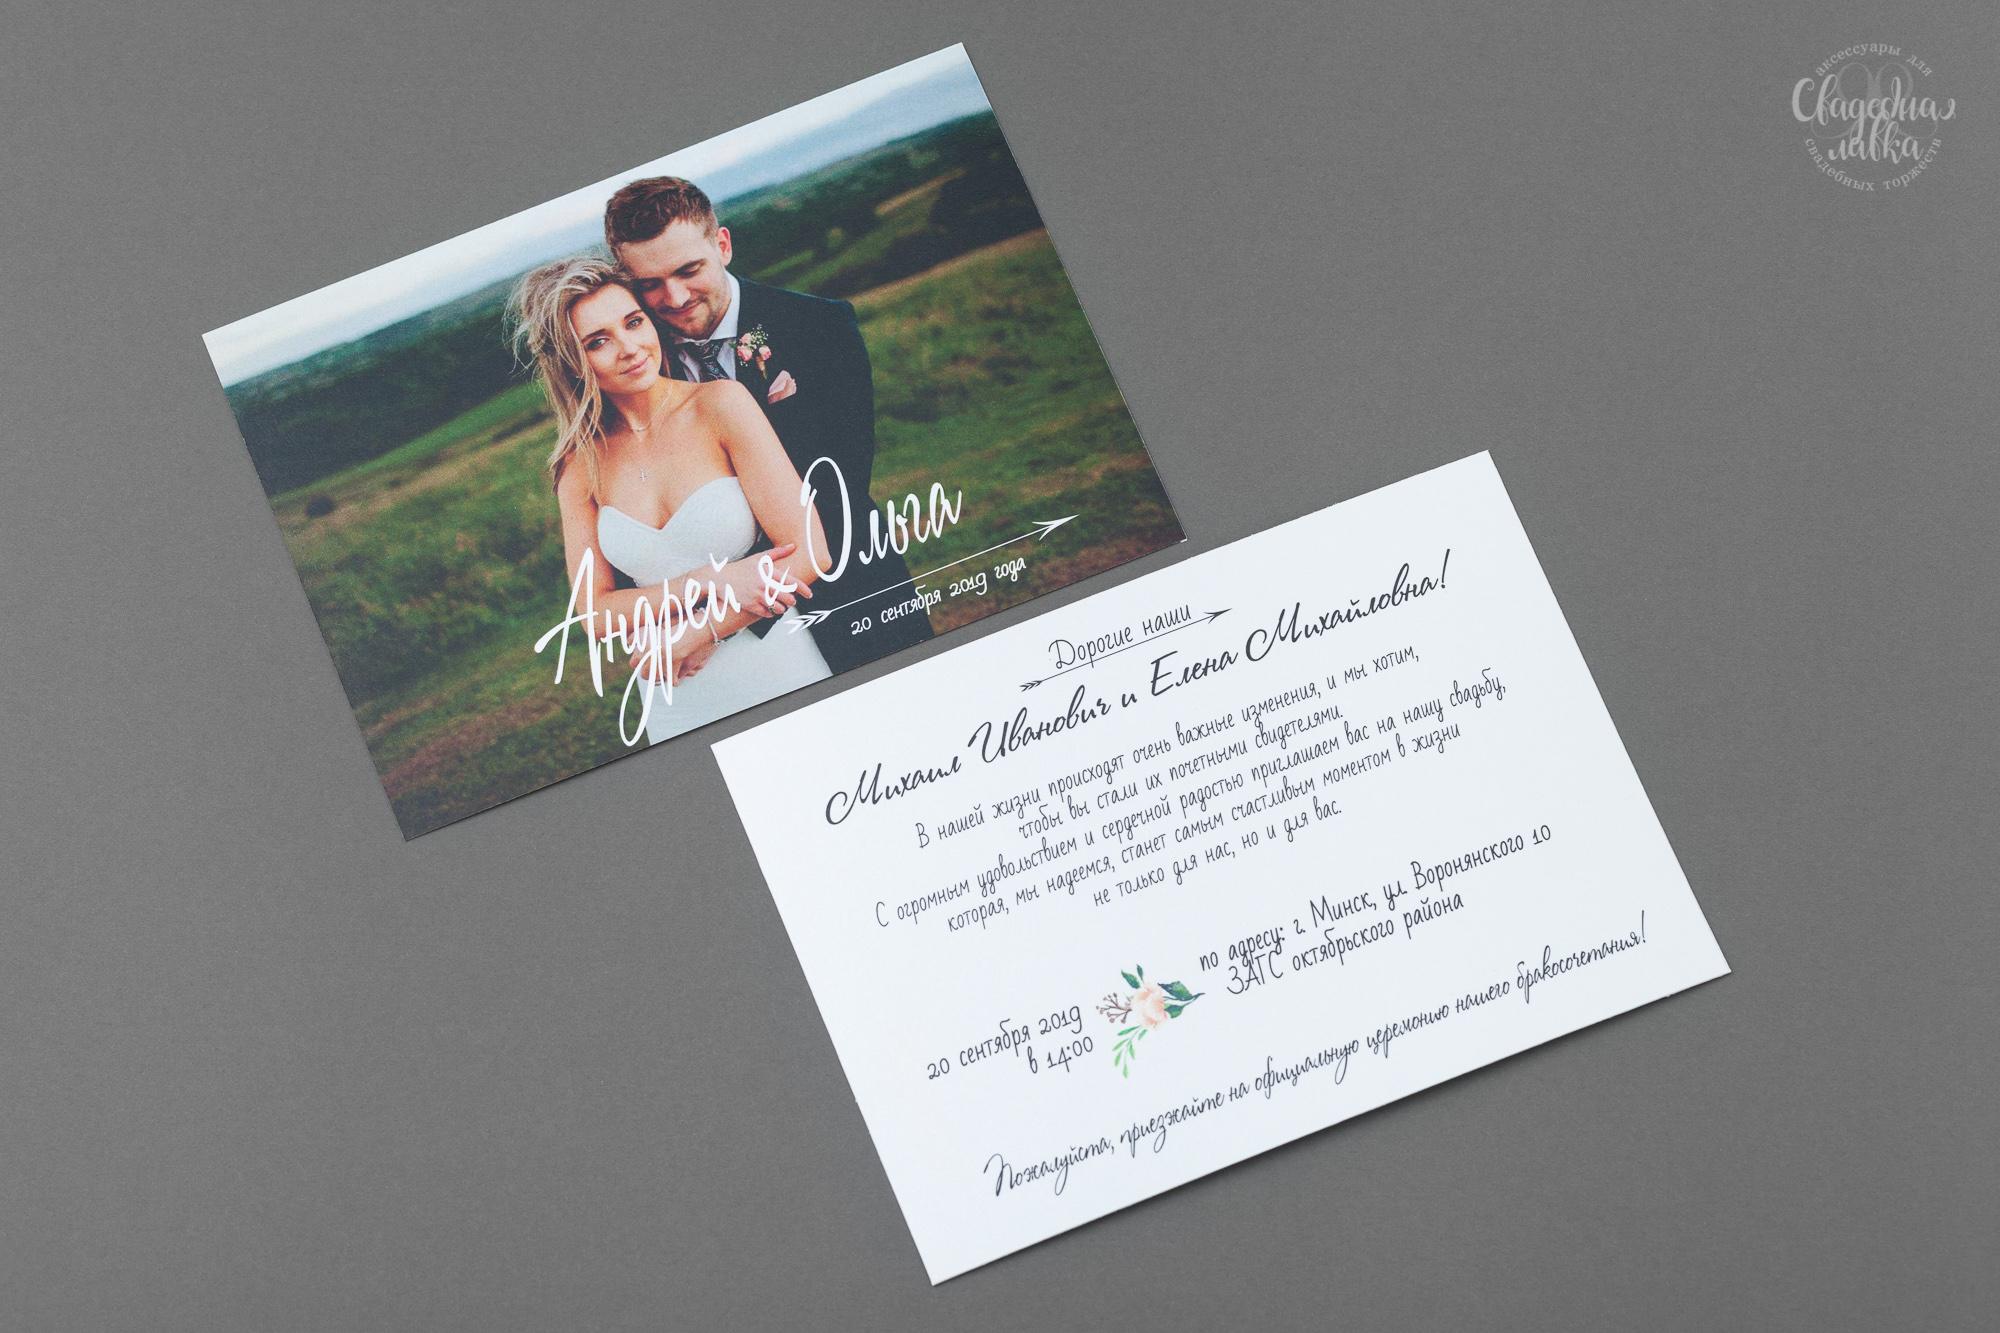 над приглашения на свадьбу с фотографиями жениха и невесты отметил, что